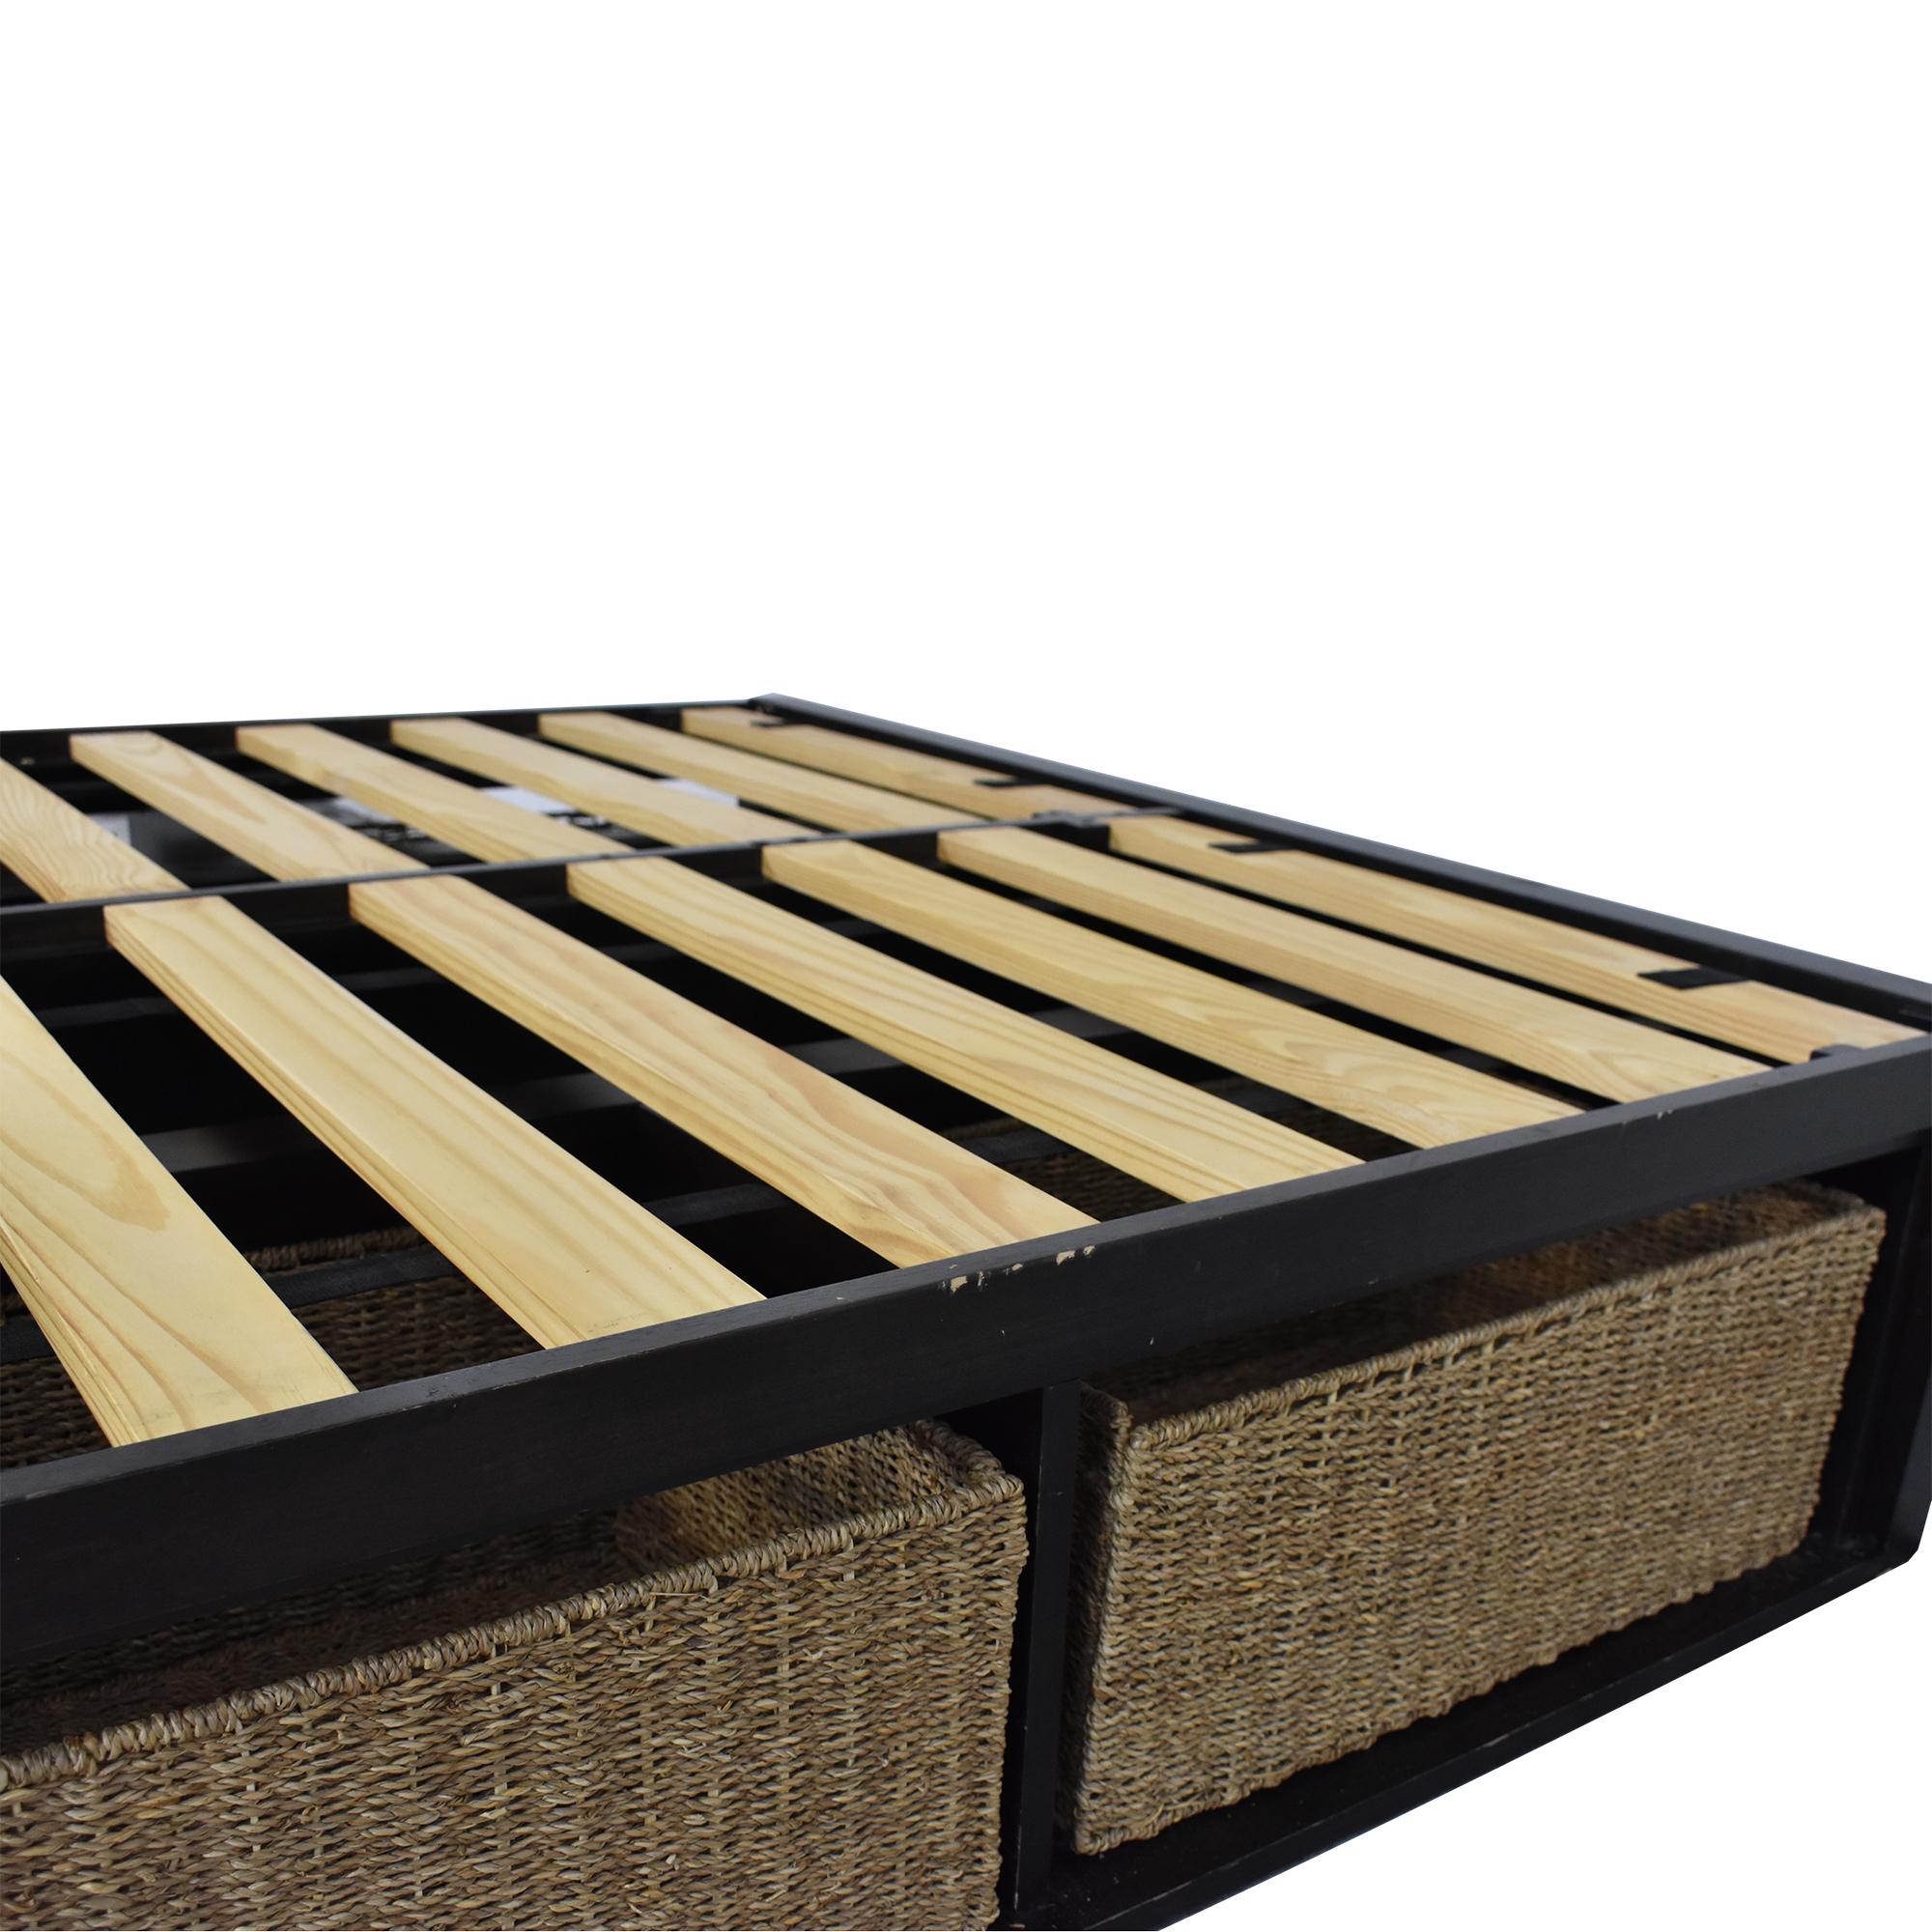 West Elm West Elm Sylvan Full Storage Bed nyc